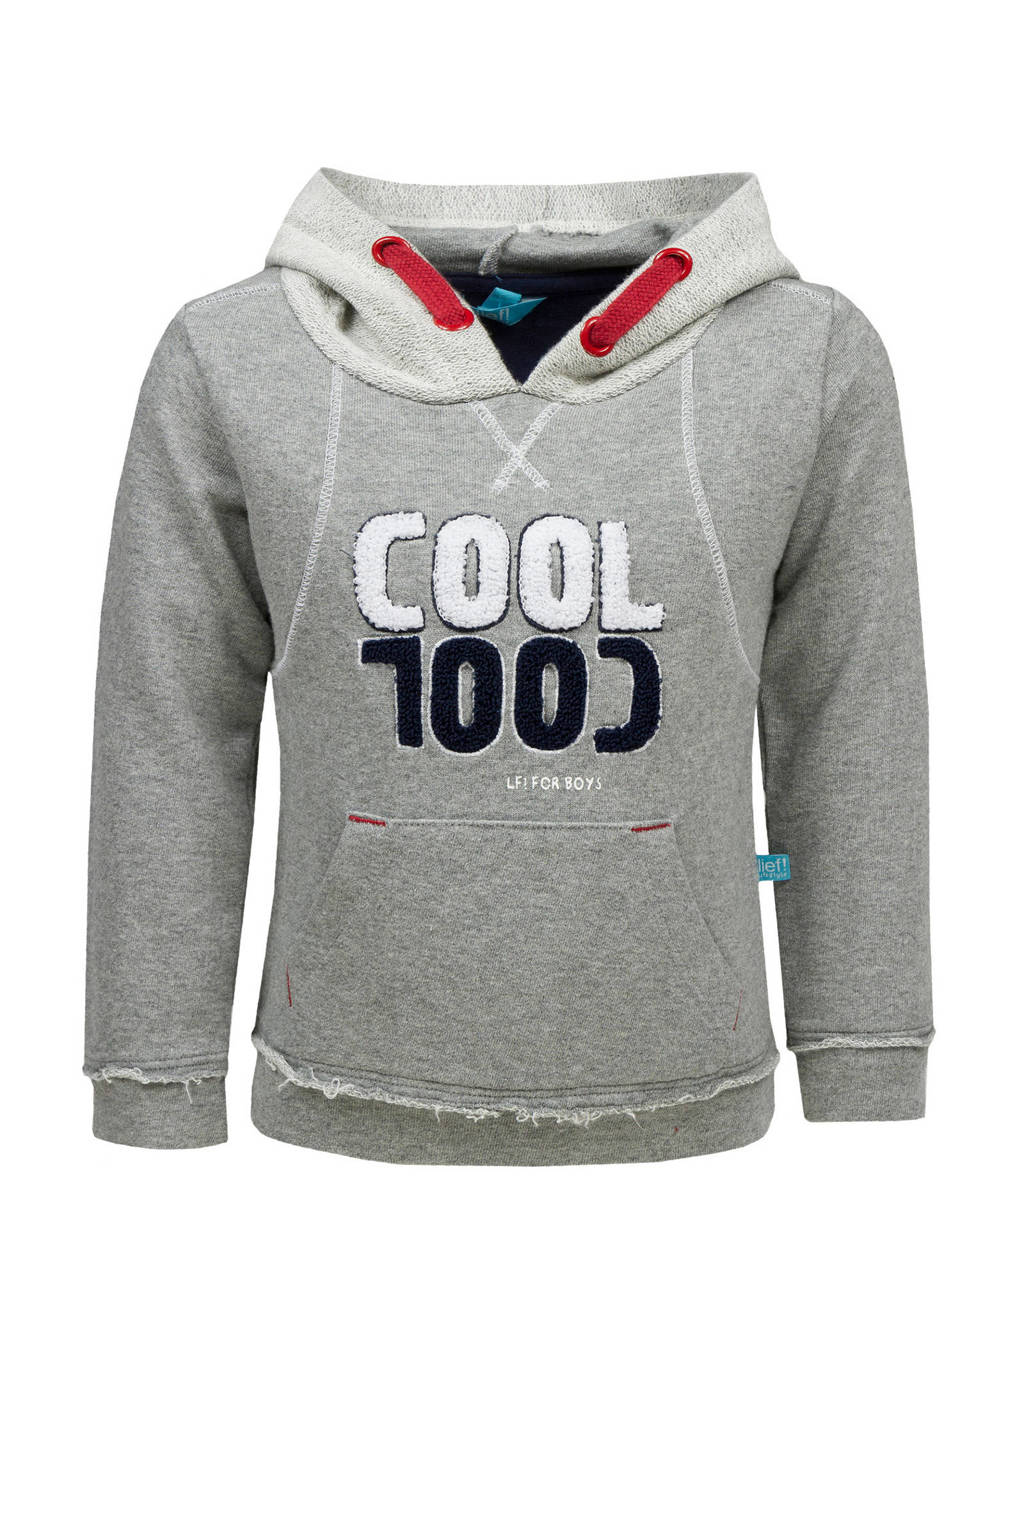 lief! sweater met capuchon grijs, Grijs melange/lichtgrijs